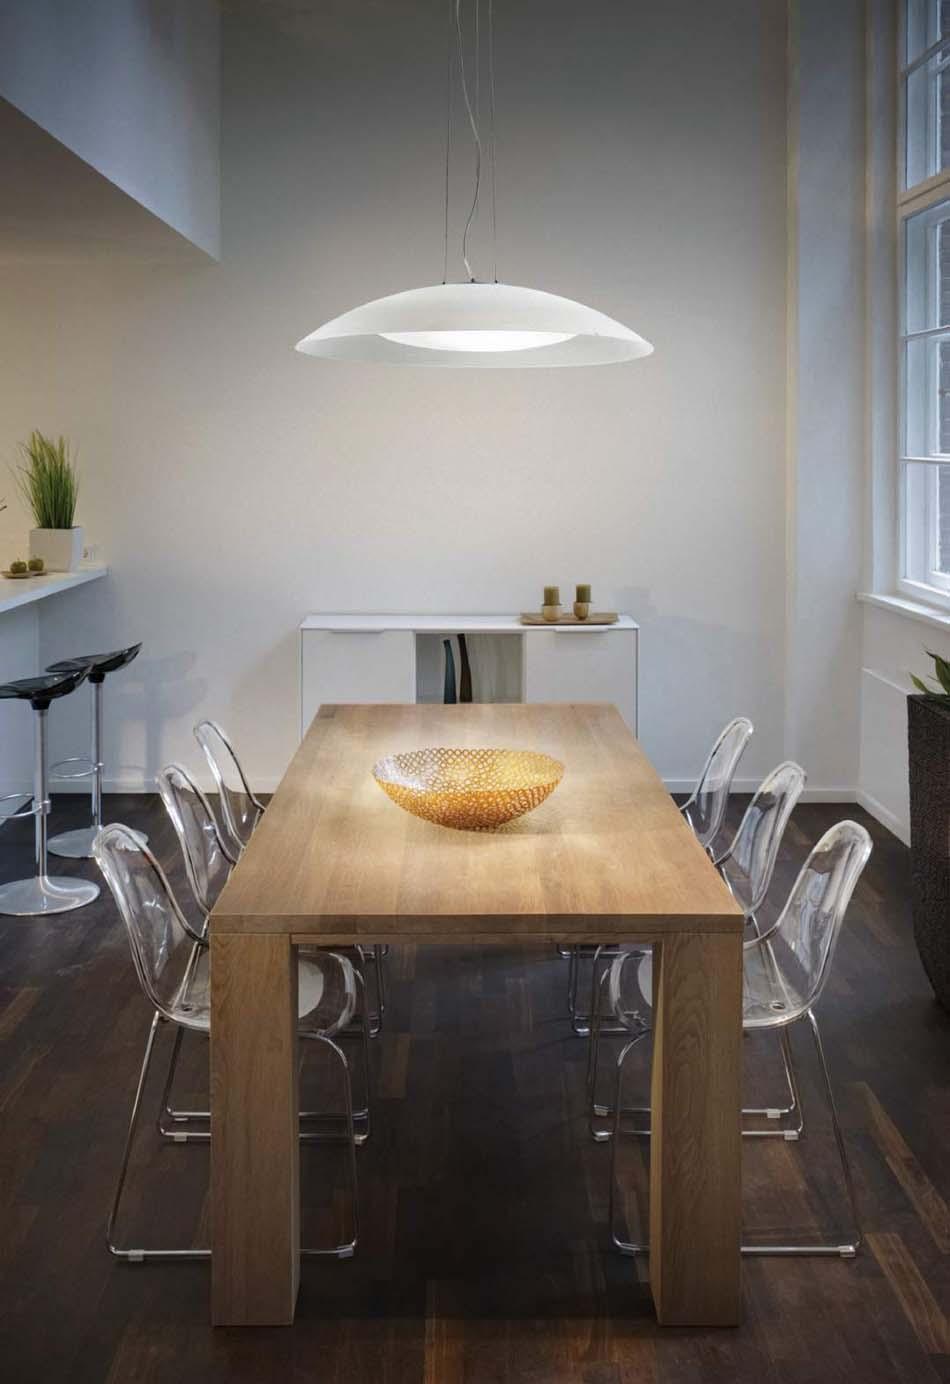 Lampade sospese Ideal Lux Lena – Toscana Arredamenti